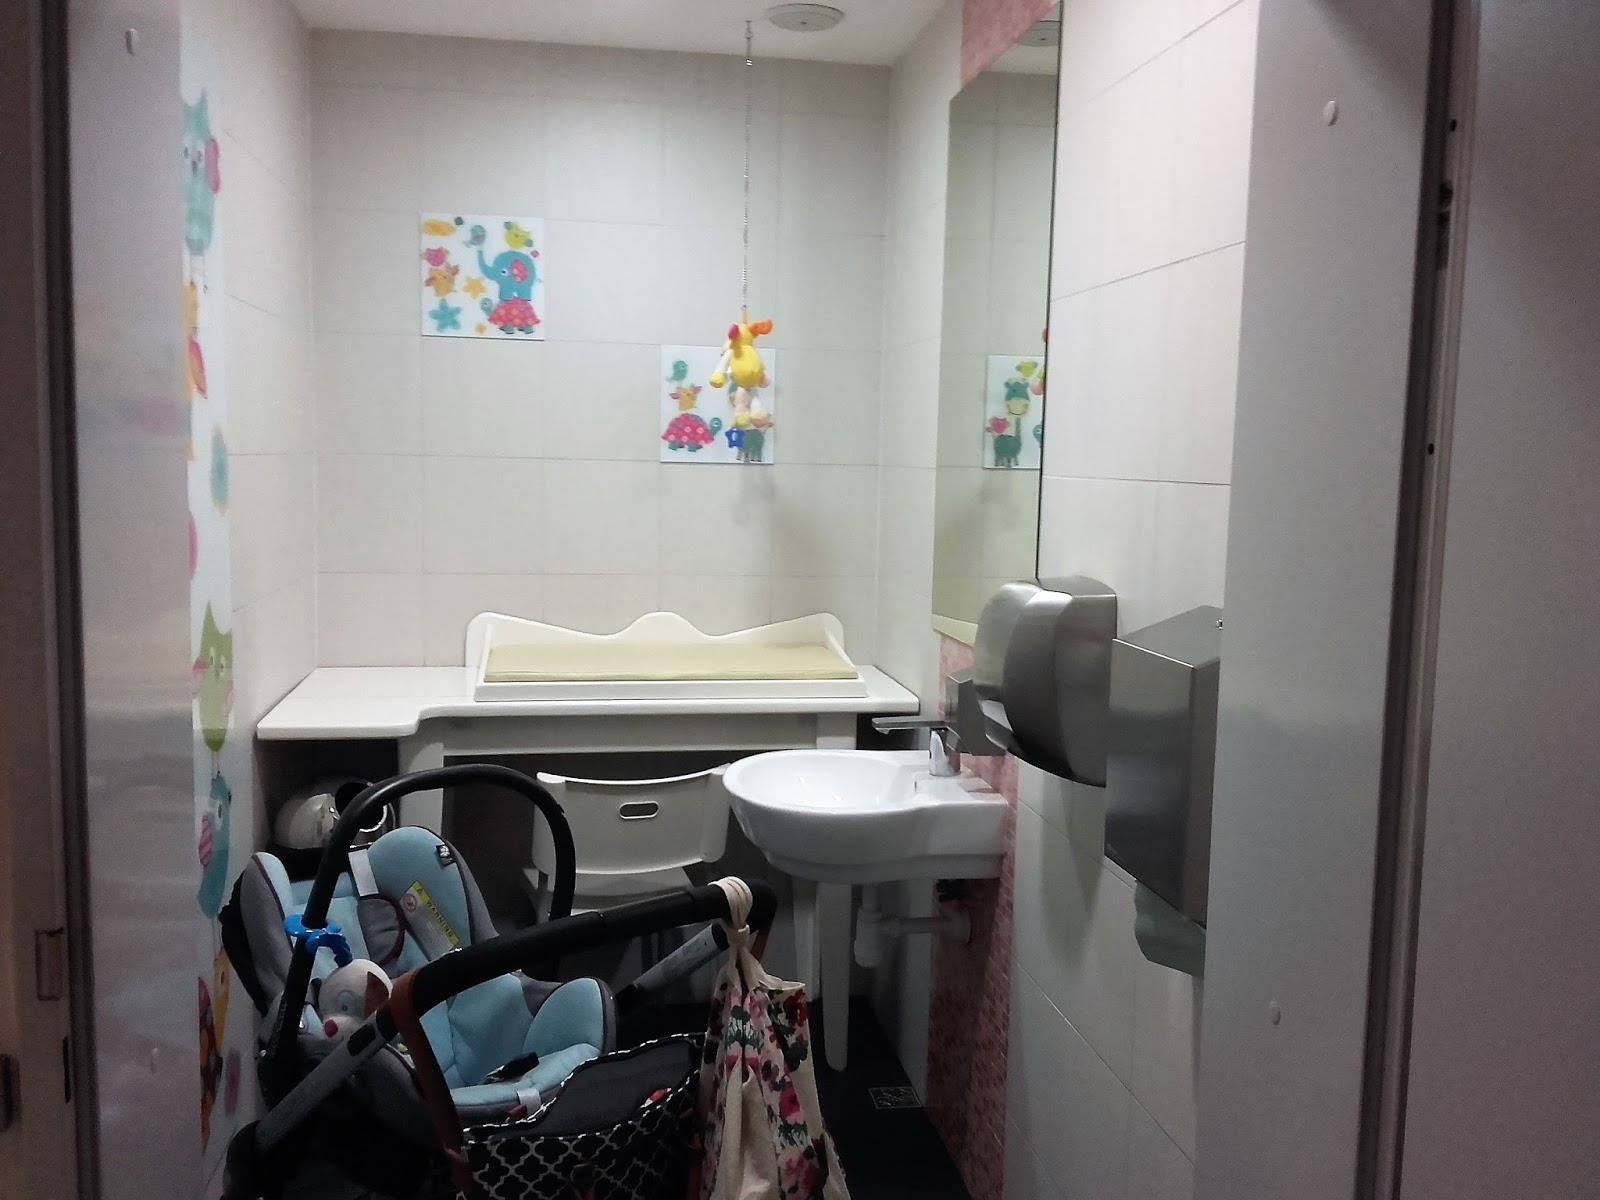 pokój dla matki z dzieckiem centrum handlowe osowa, pokój do przewinięcia dziecka, pokój z przewijakiem w ch osowa